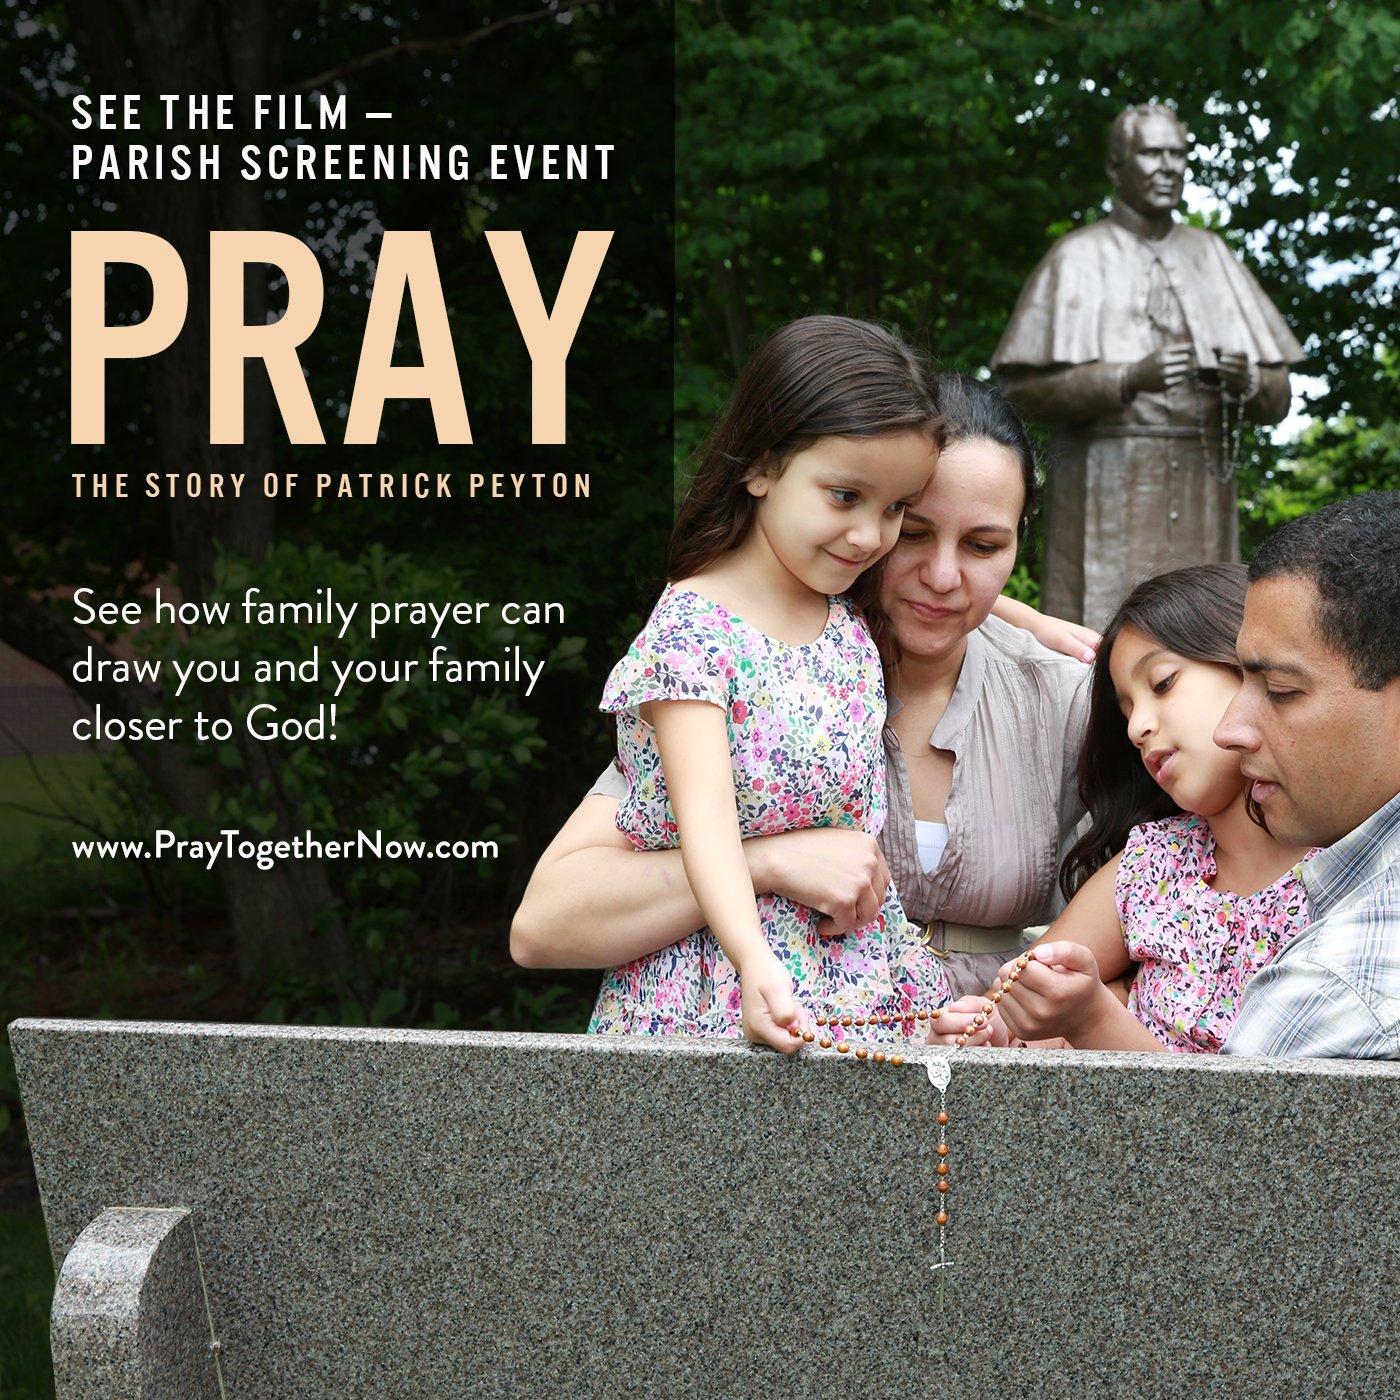 Pray_v1_Inst-1400x1400_022421